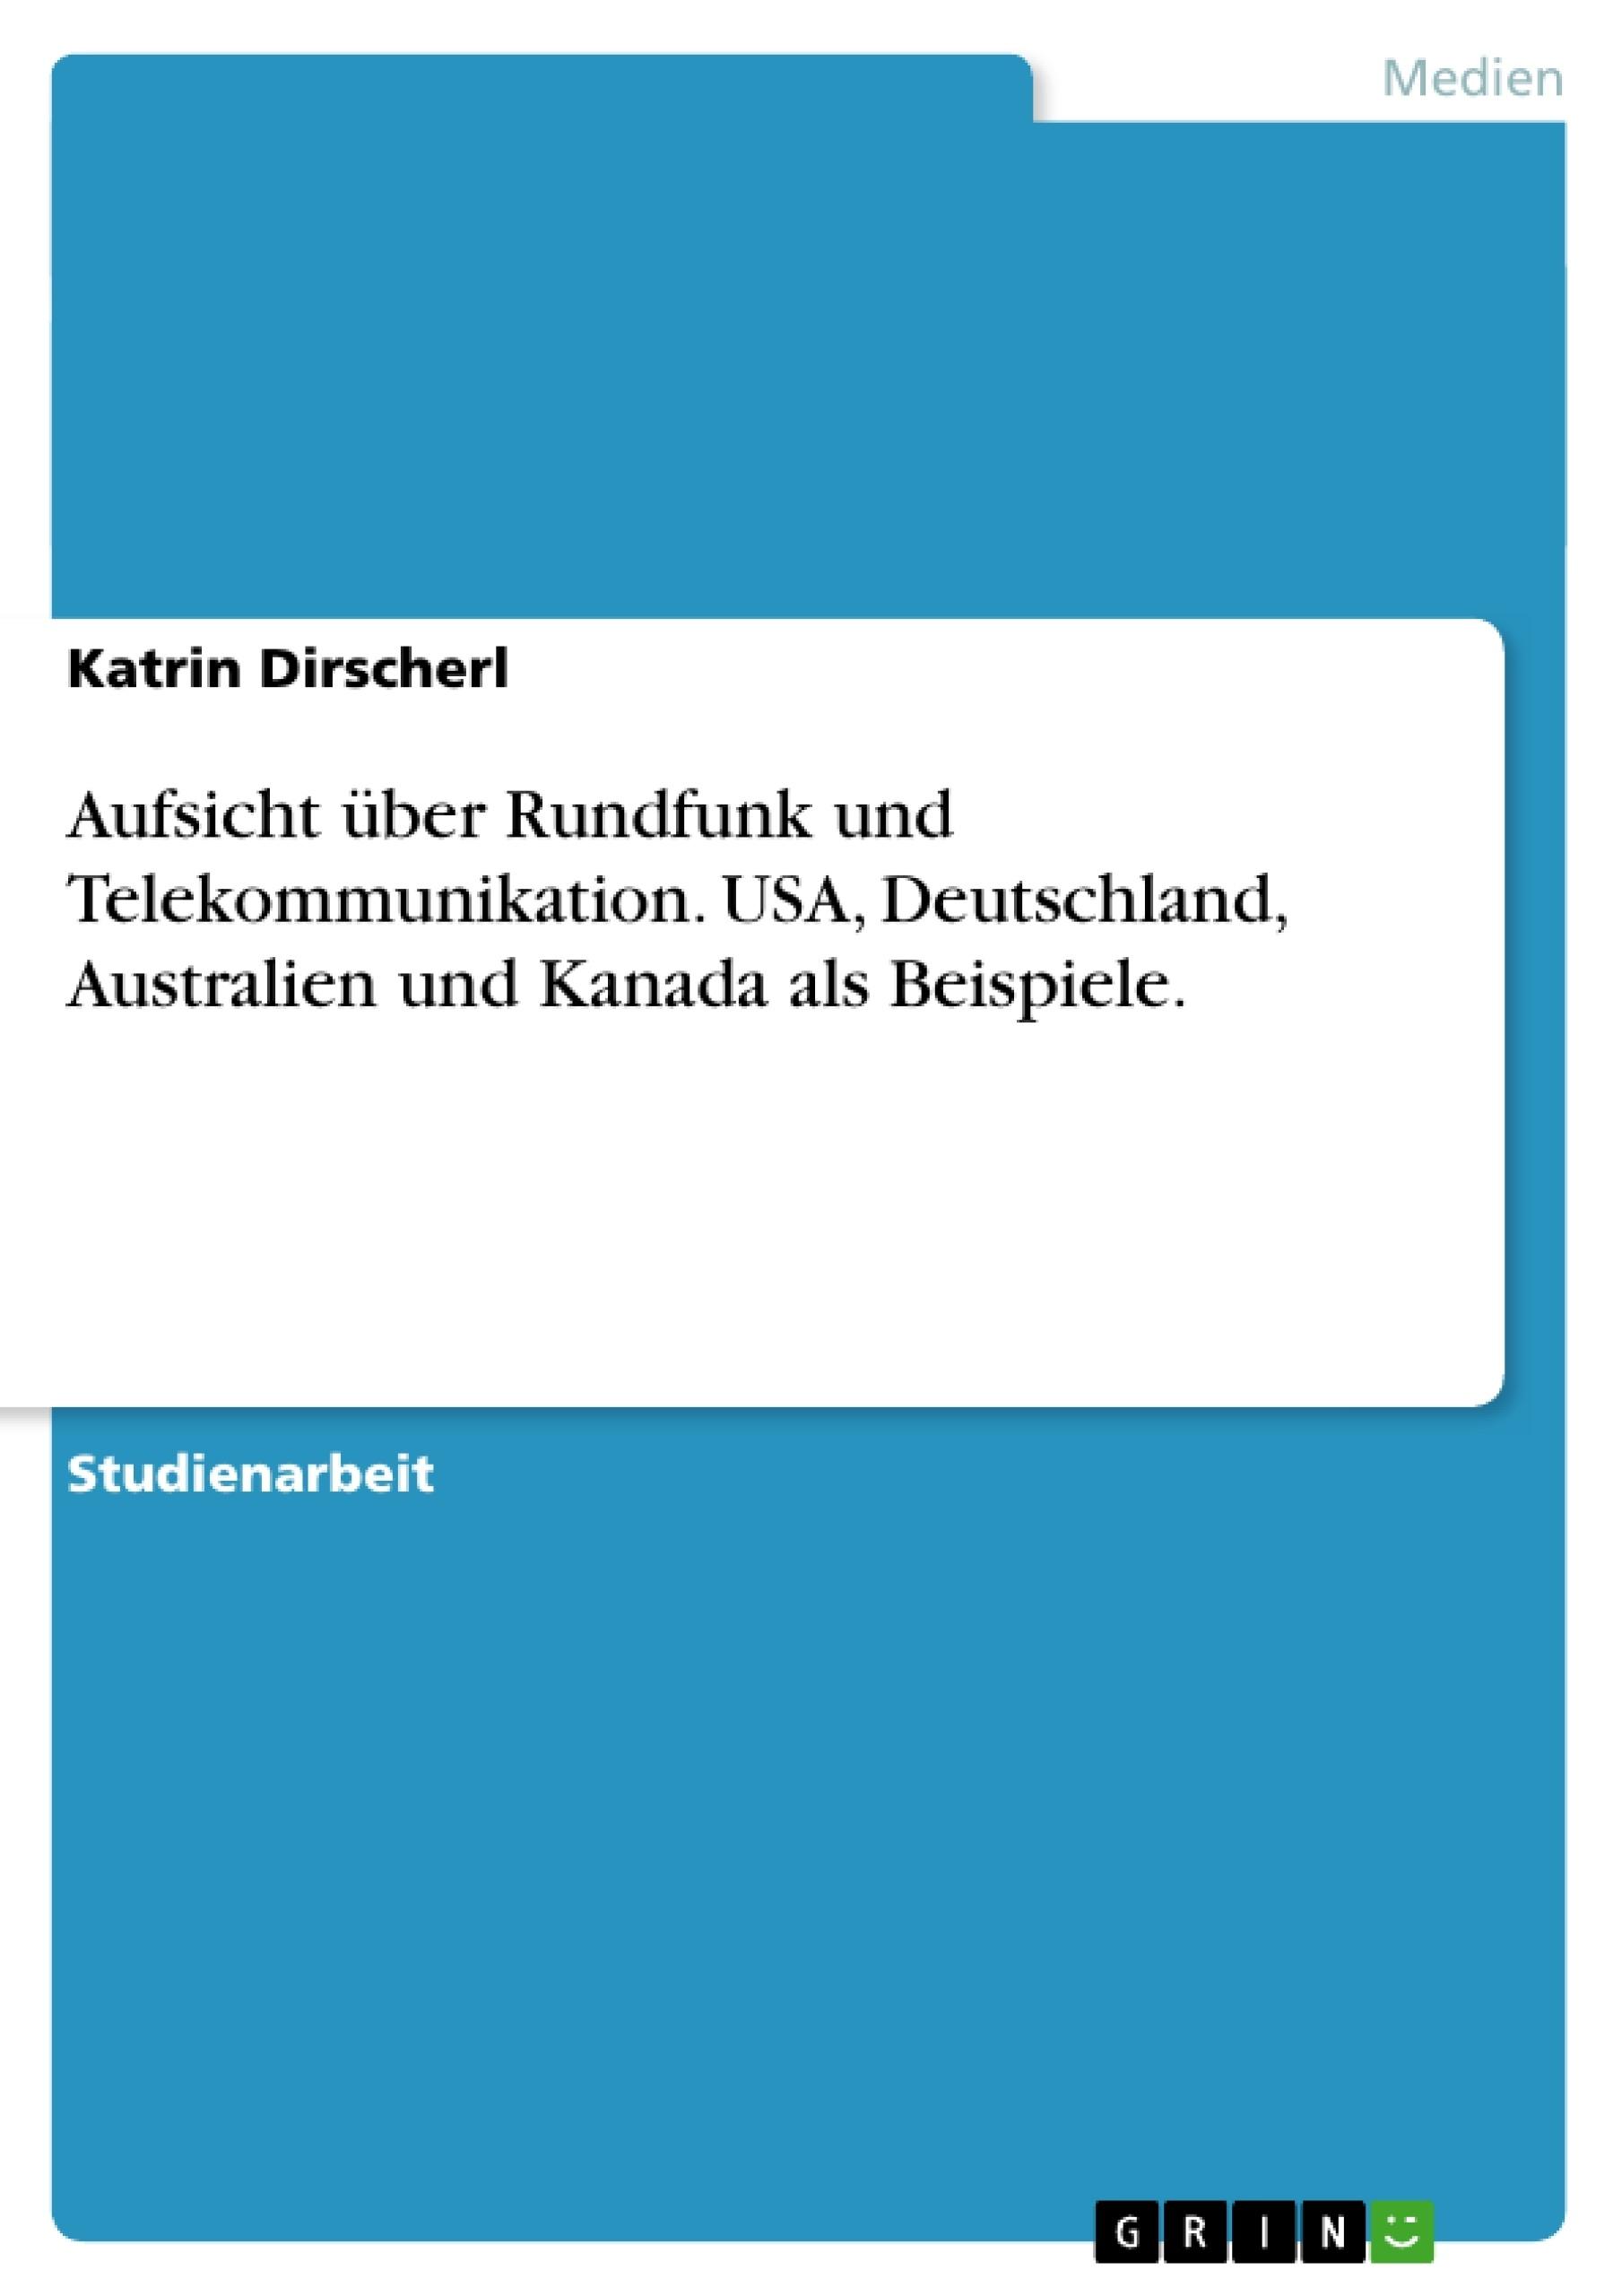 Titel: Aufsicht über Rundfunk und Telekommunikation. USA, Deutschland, Australien und Kanada als Beispiele.